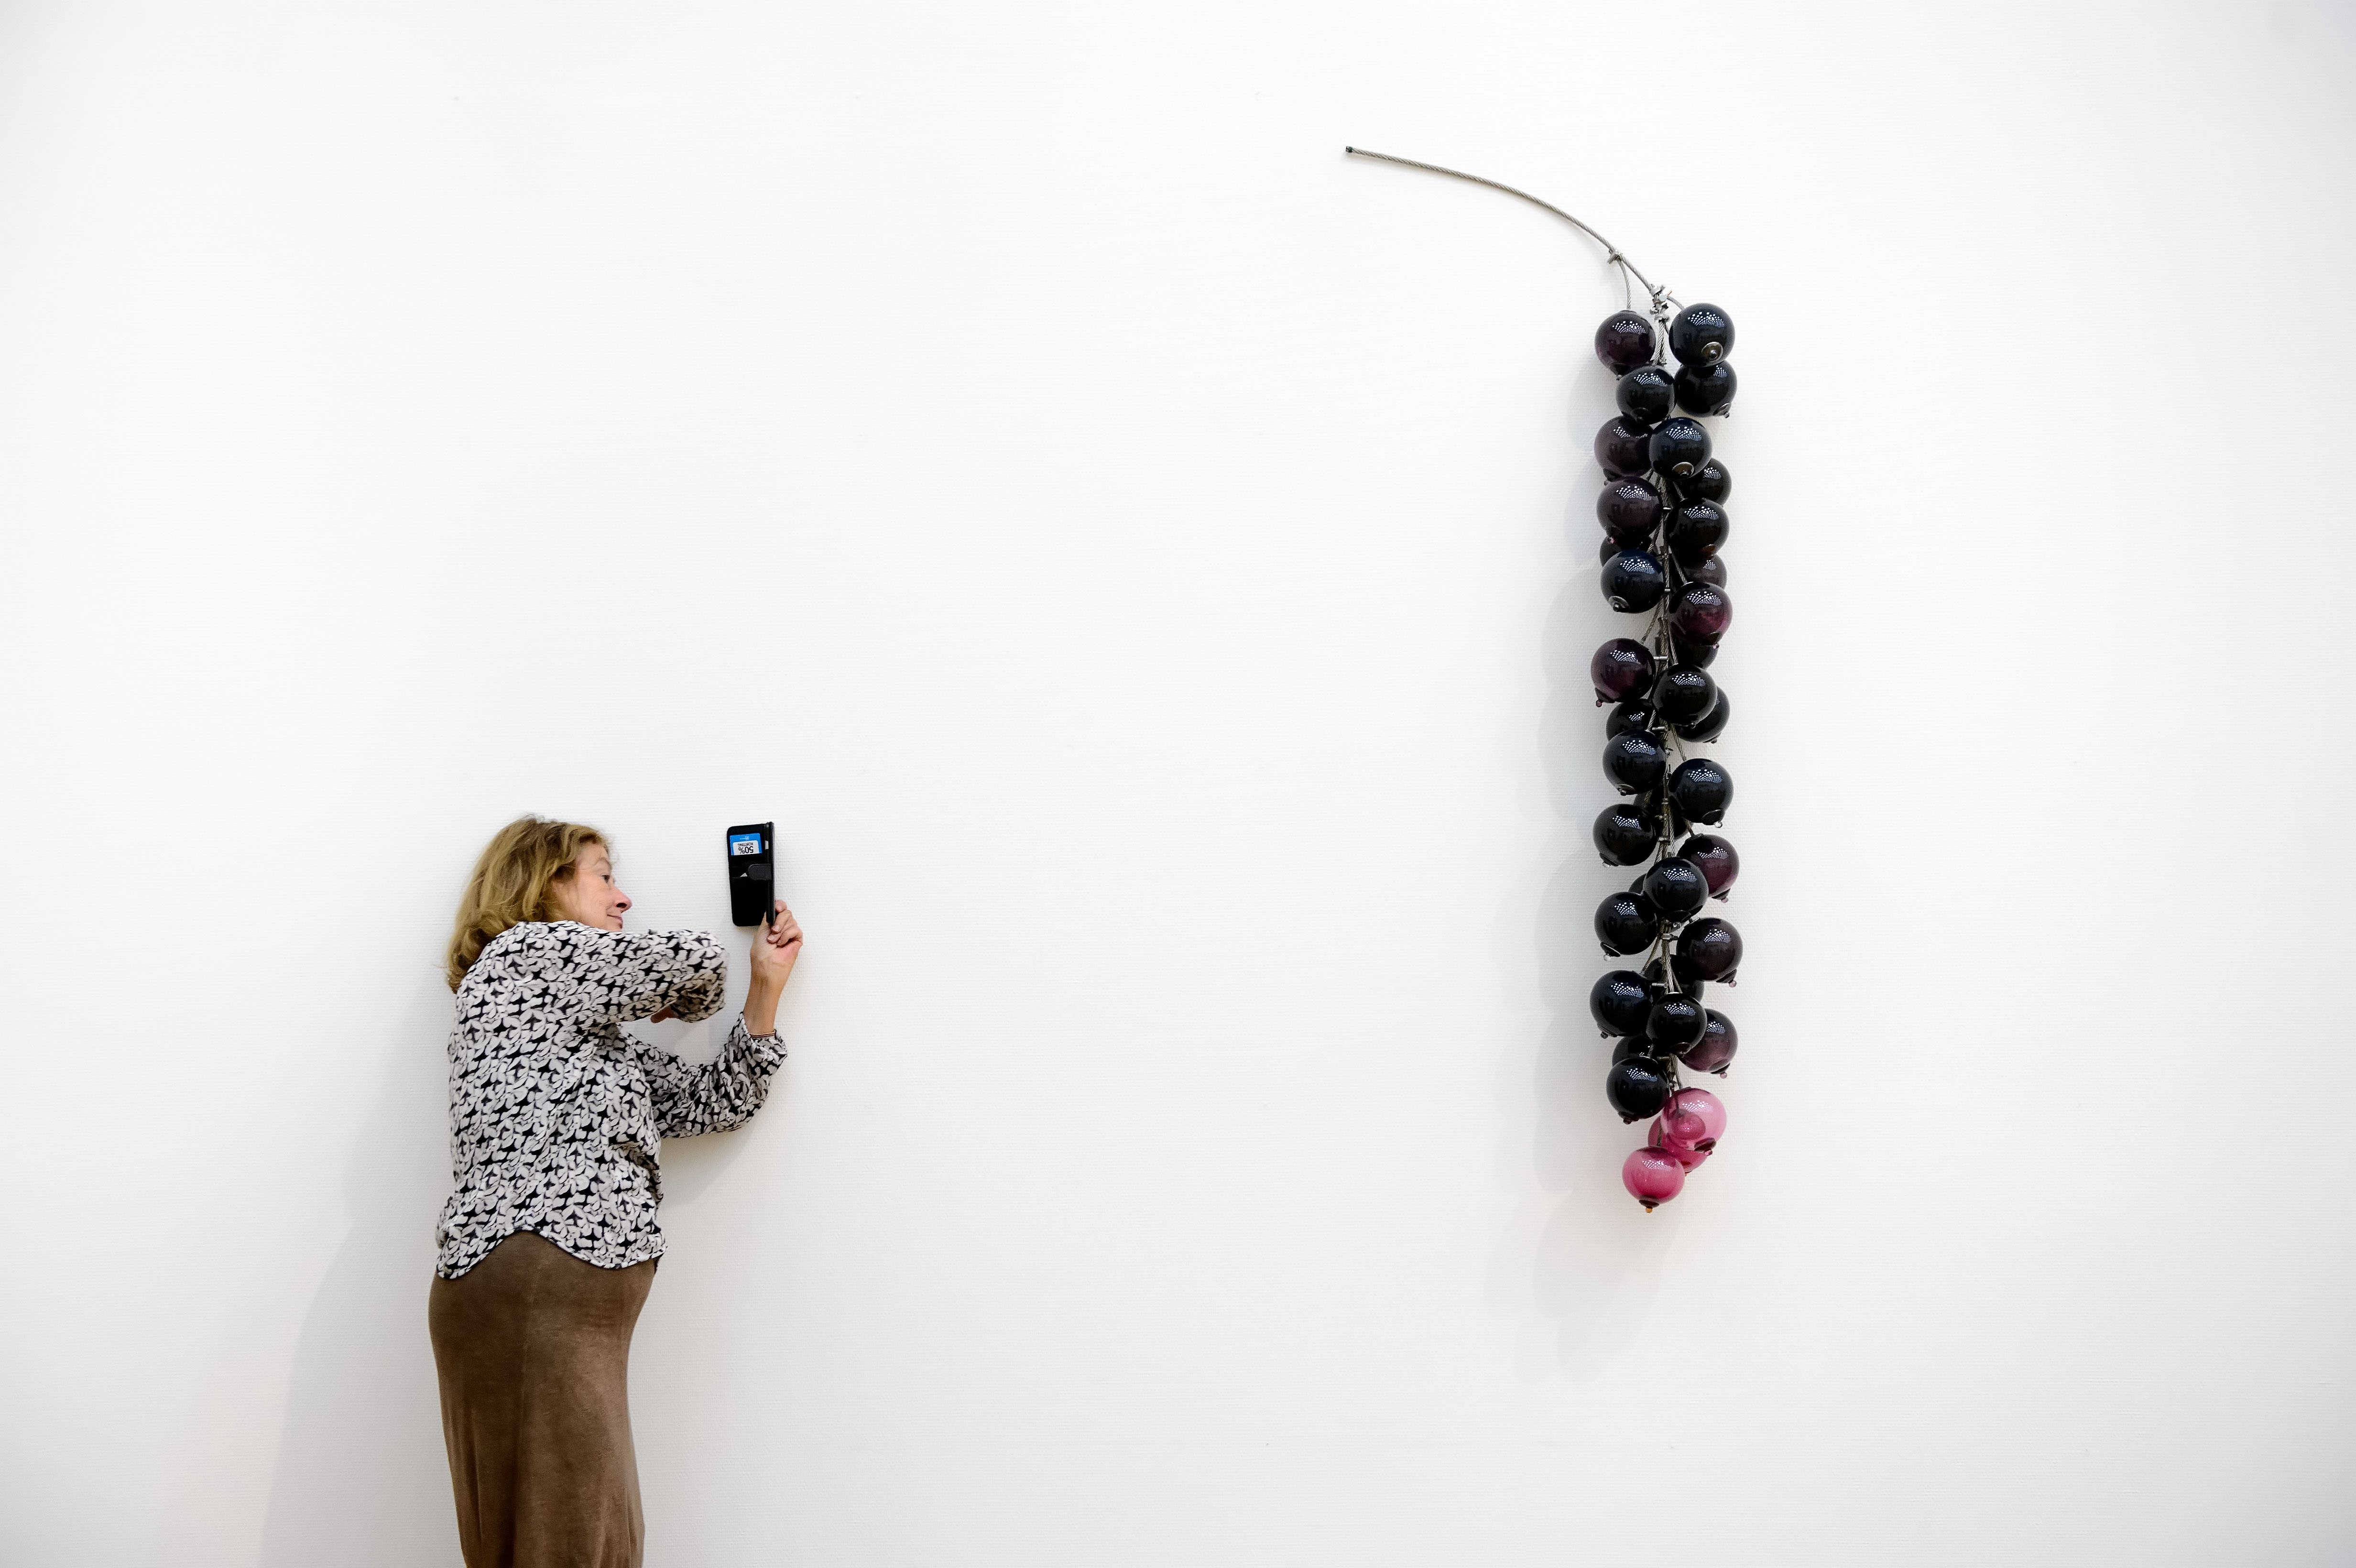 Maria Roosen, Blackberries, 2015